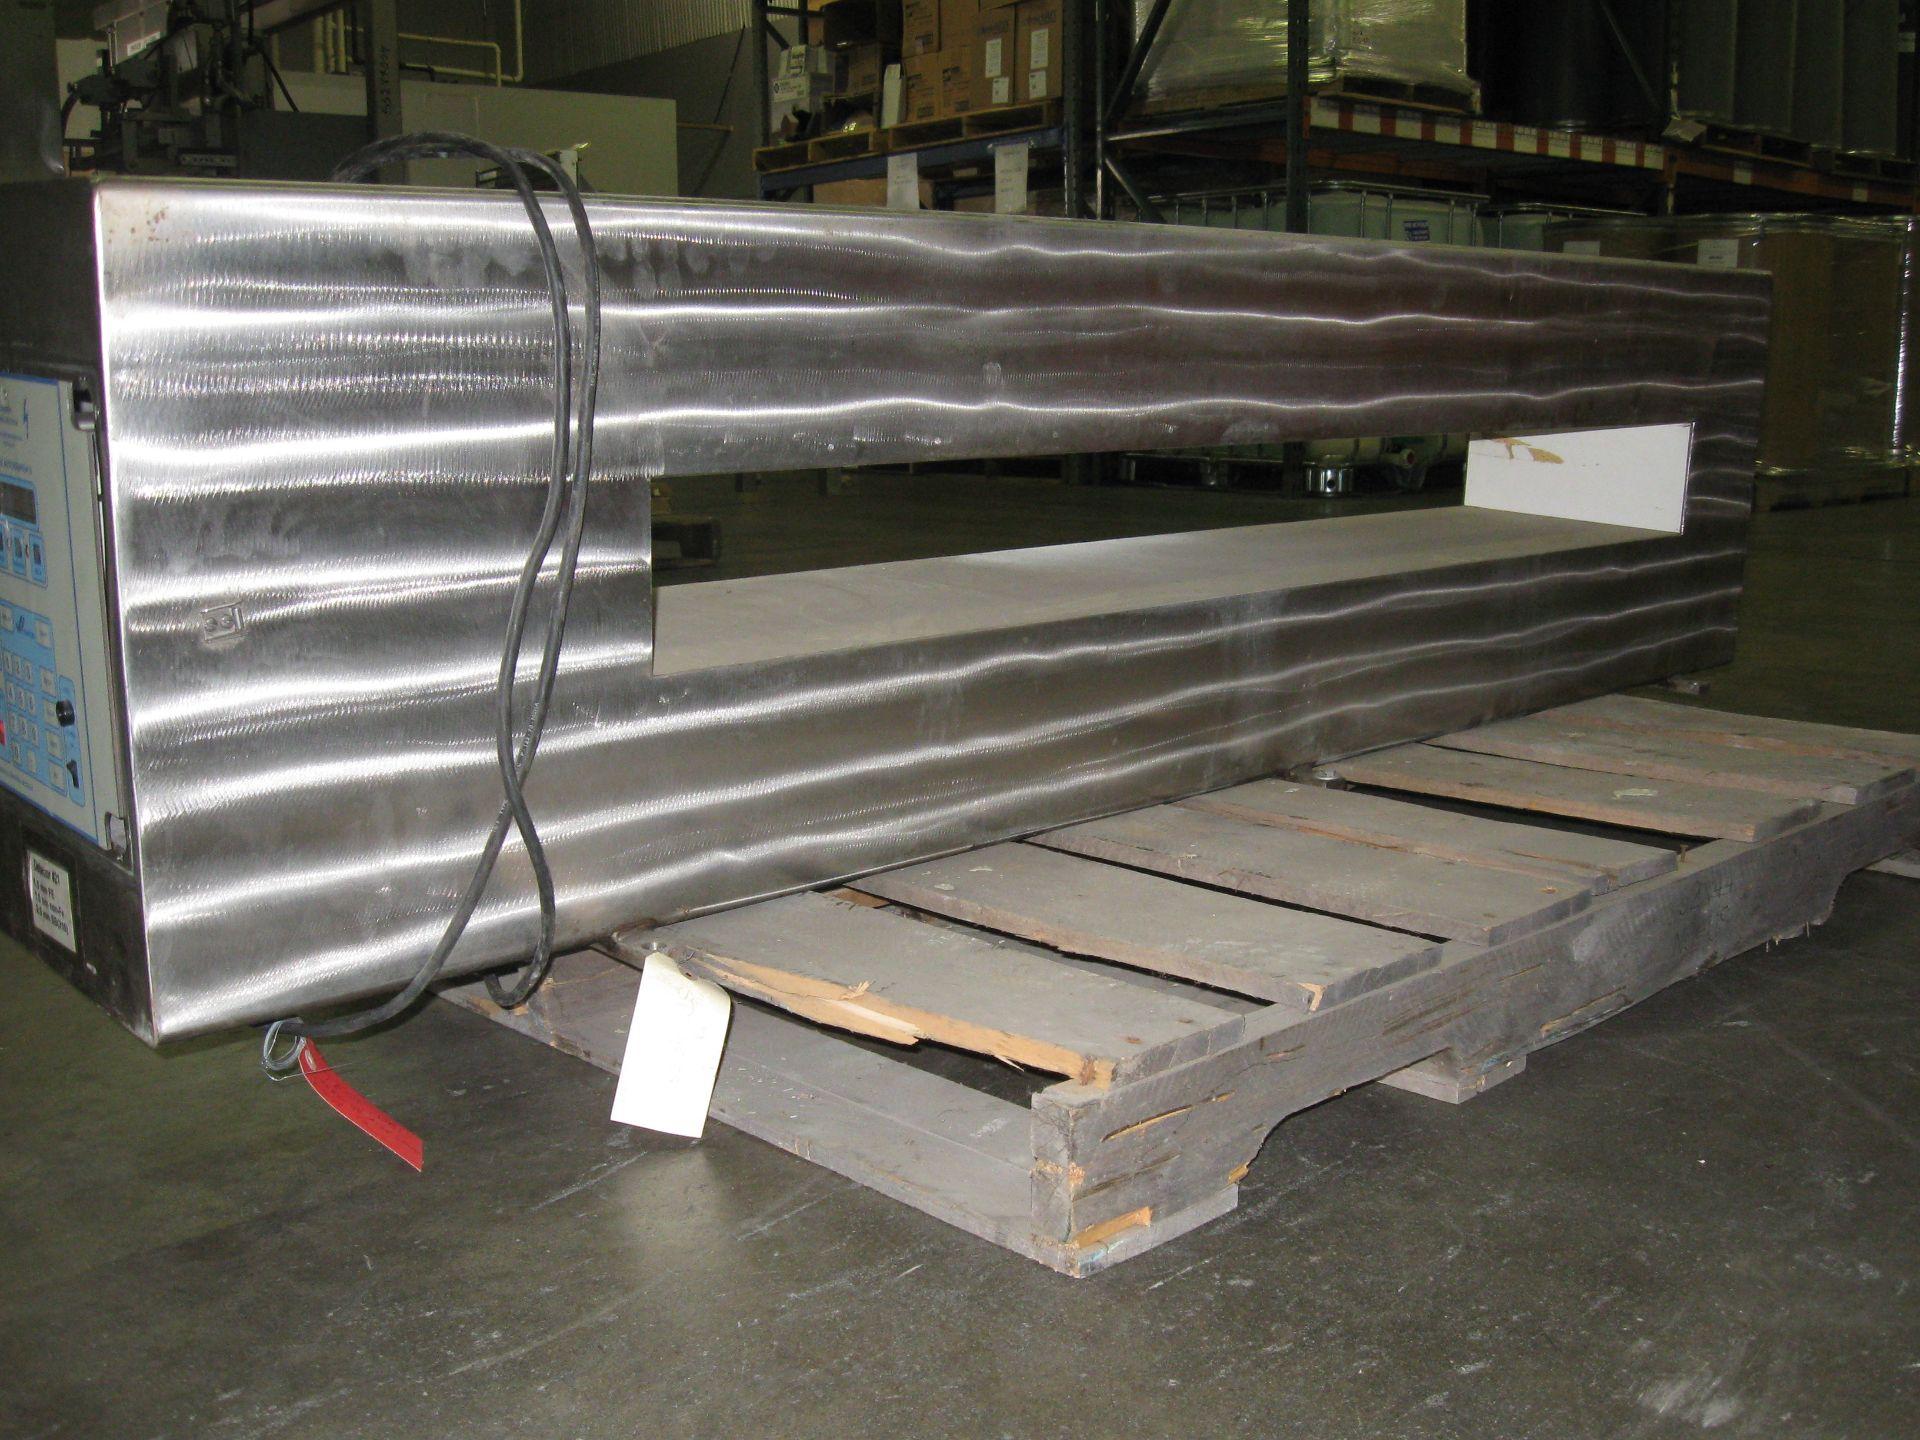 Lot 120 - Metal Detector